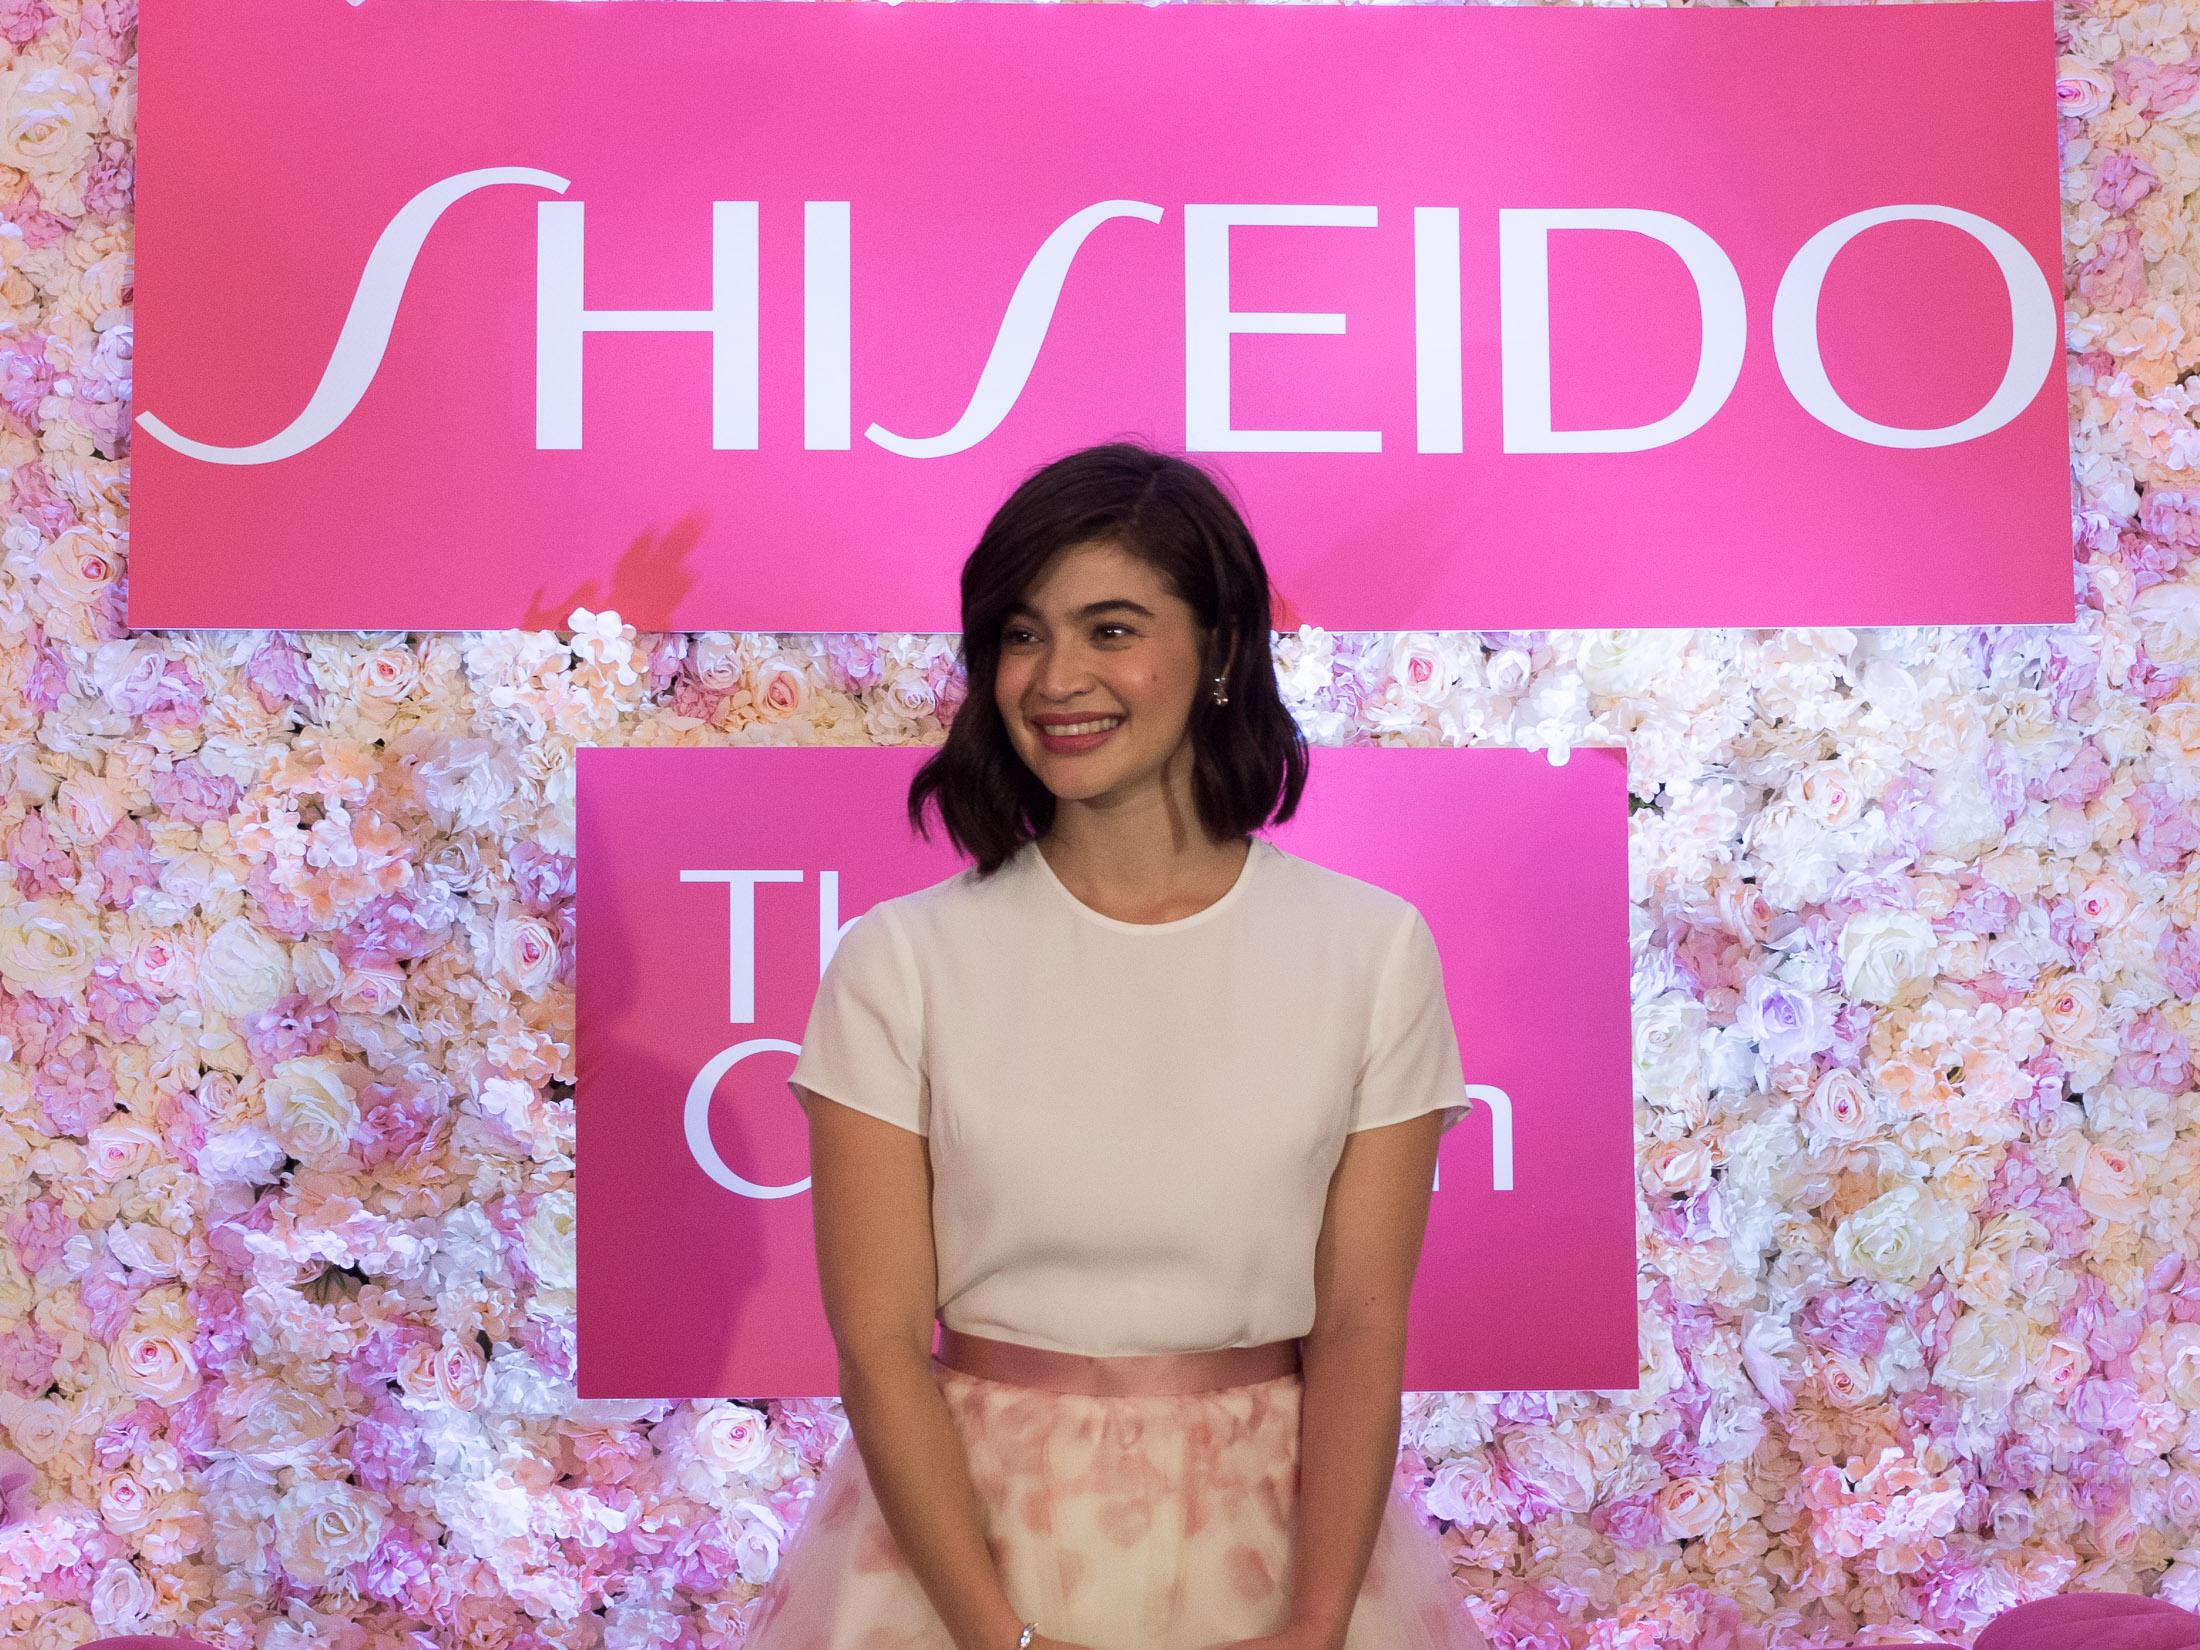 shiseido-anne-curtis